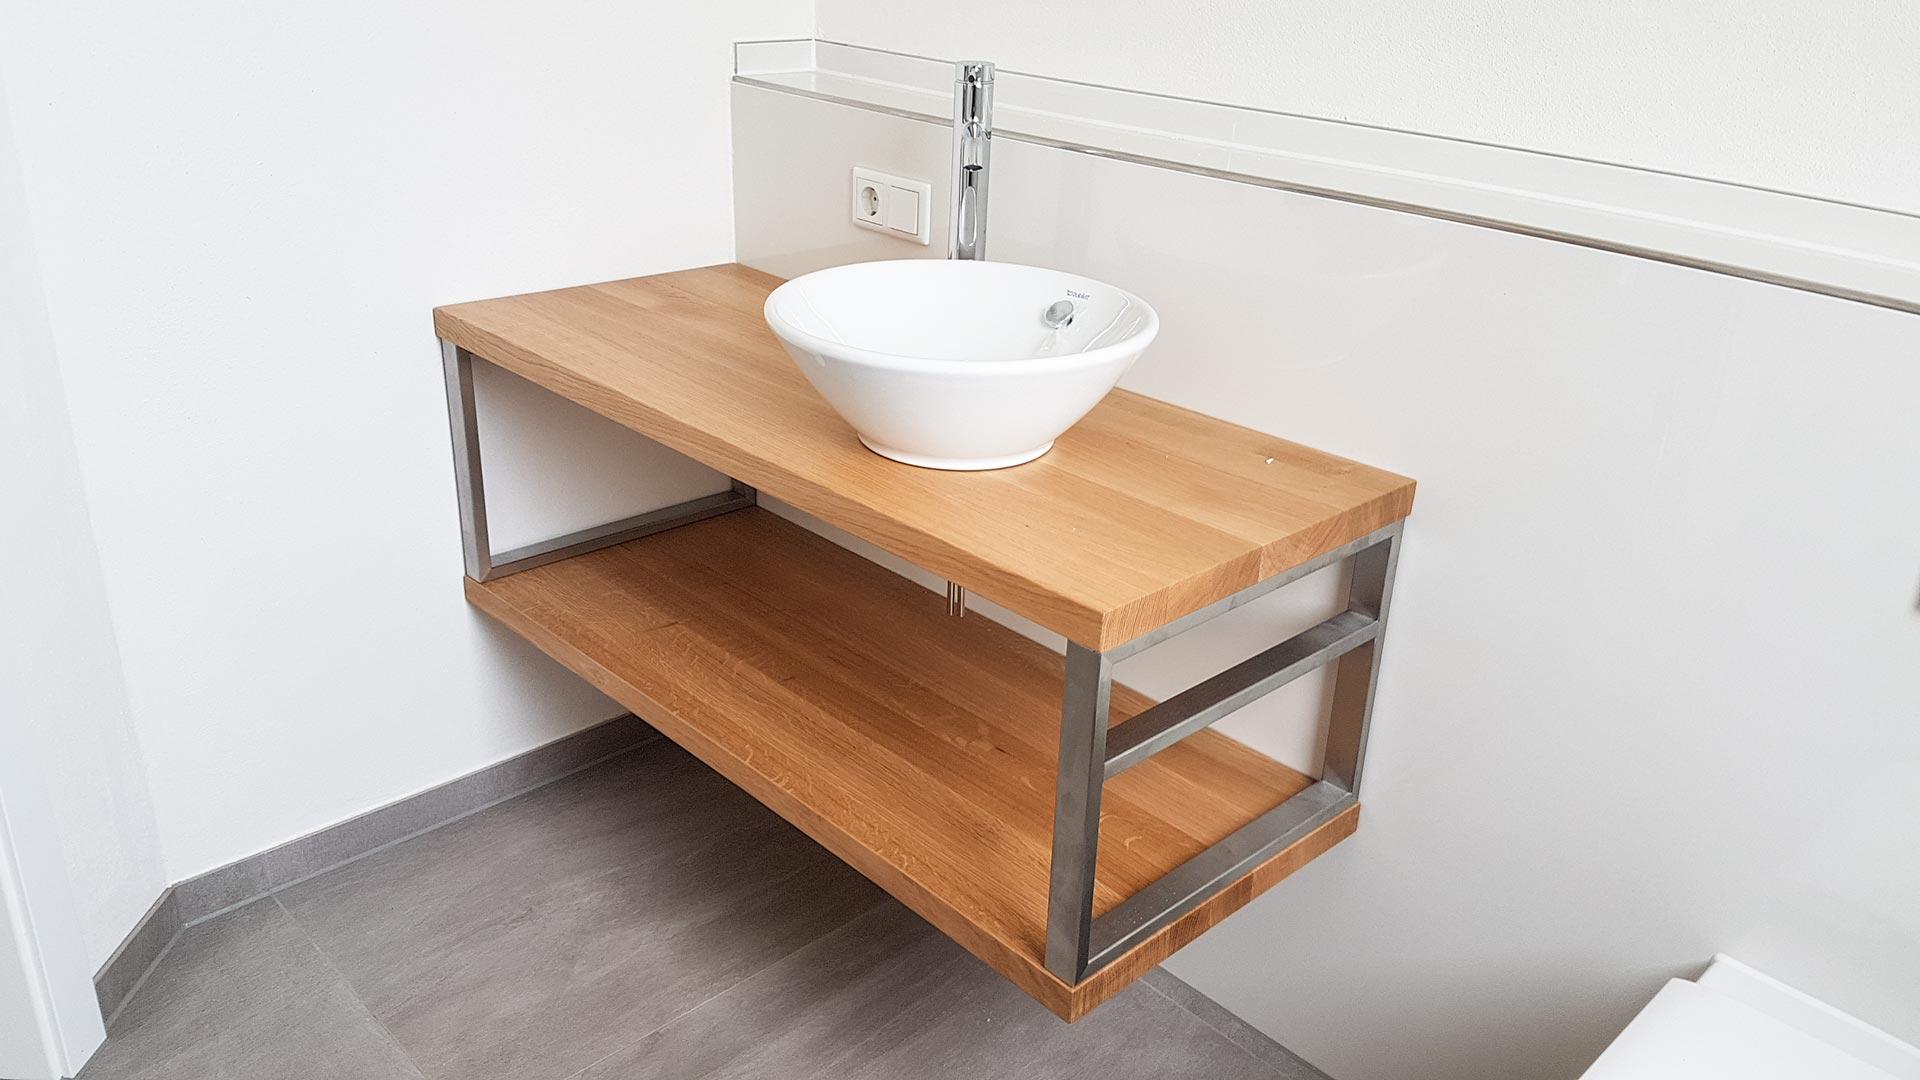 m bel nach ma vom waschtisch bis zum mediam bel. Black Bedroom Furniture Sets. Home Design Ideas